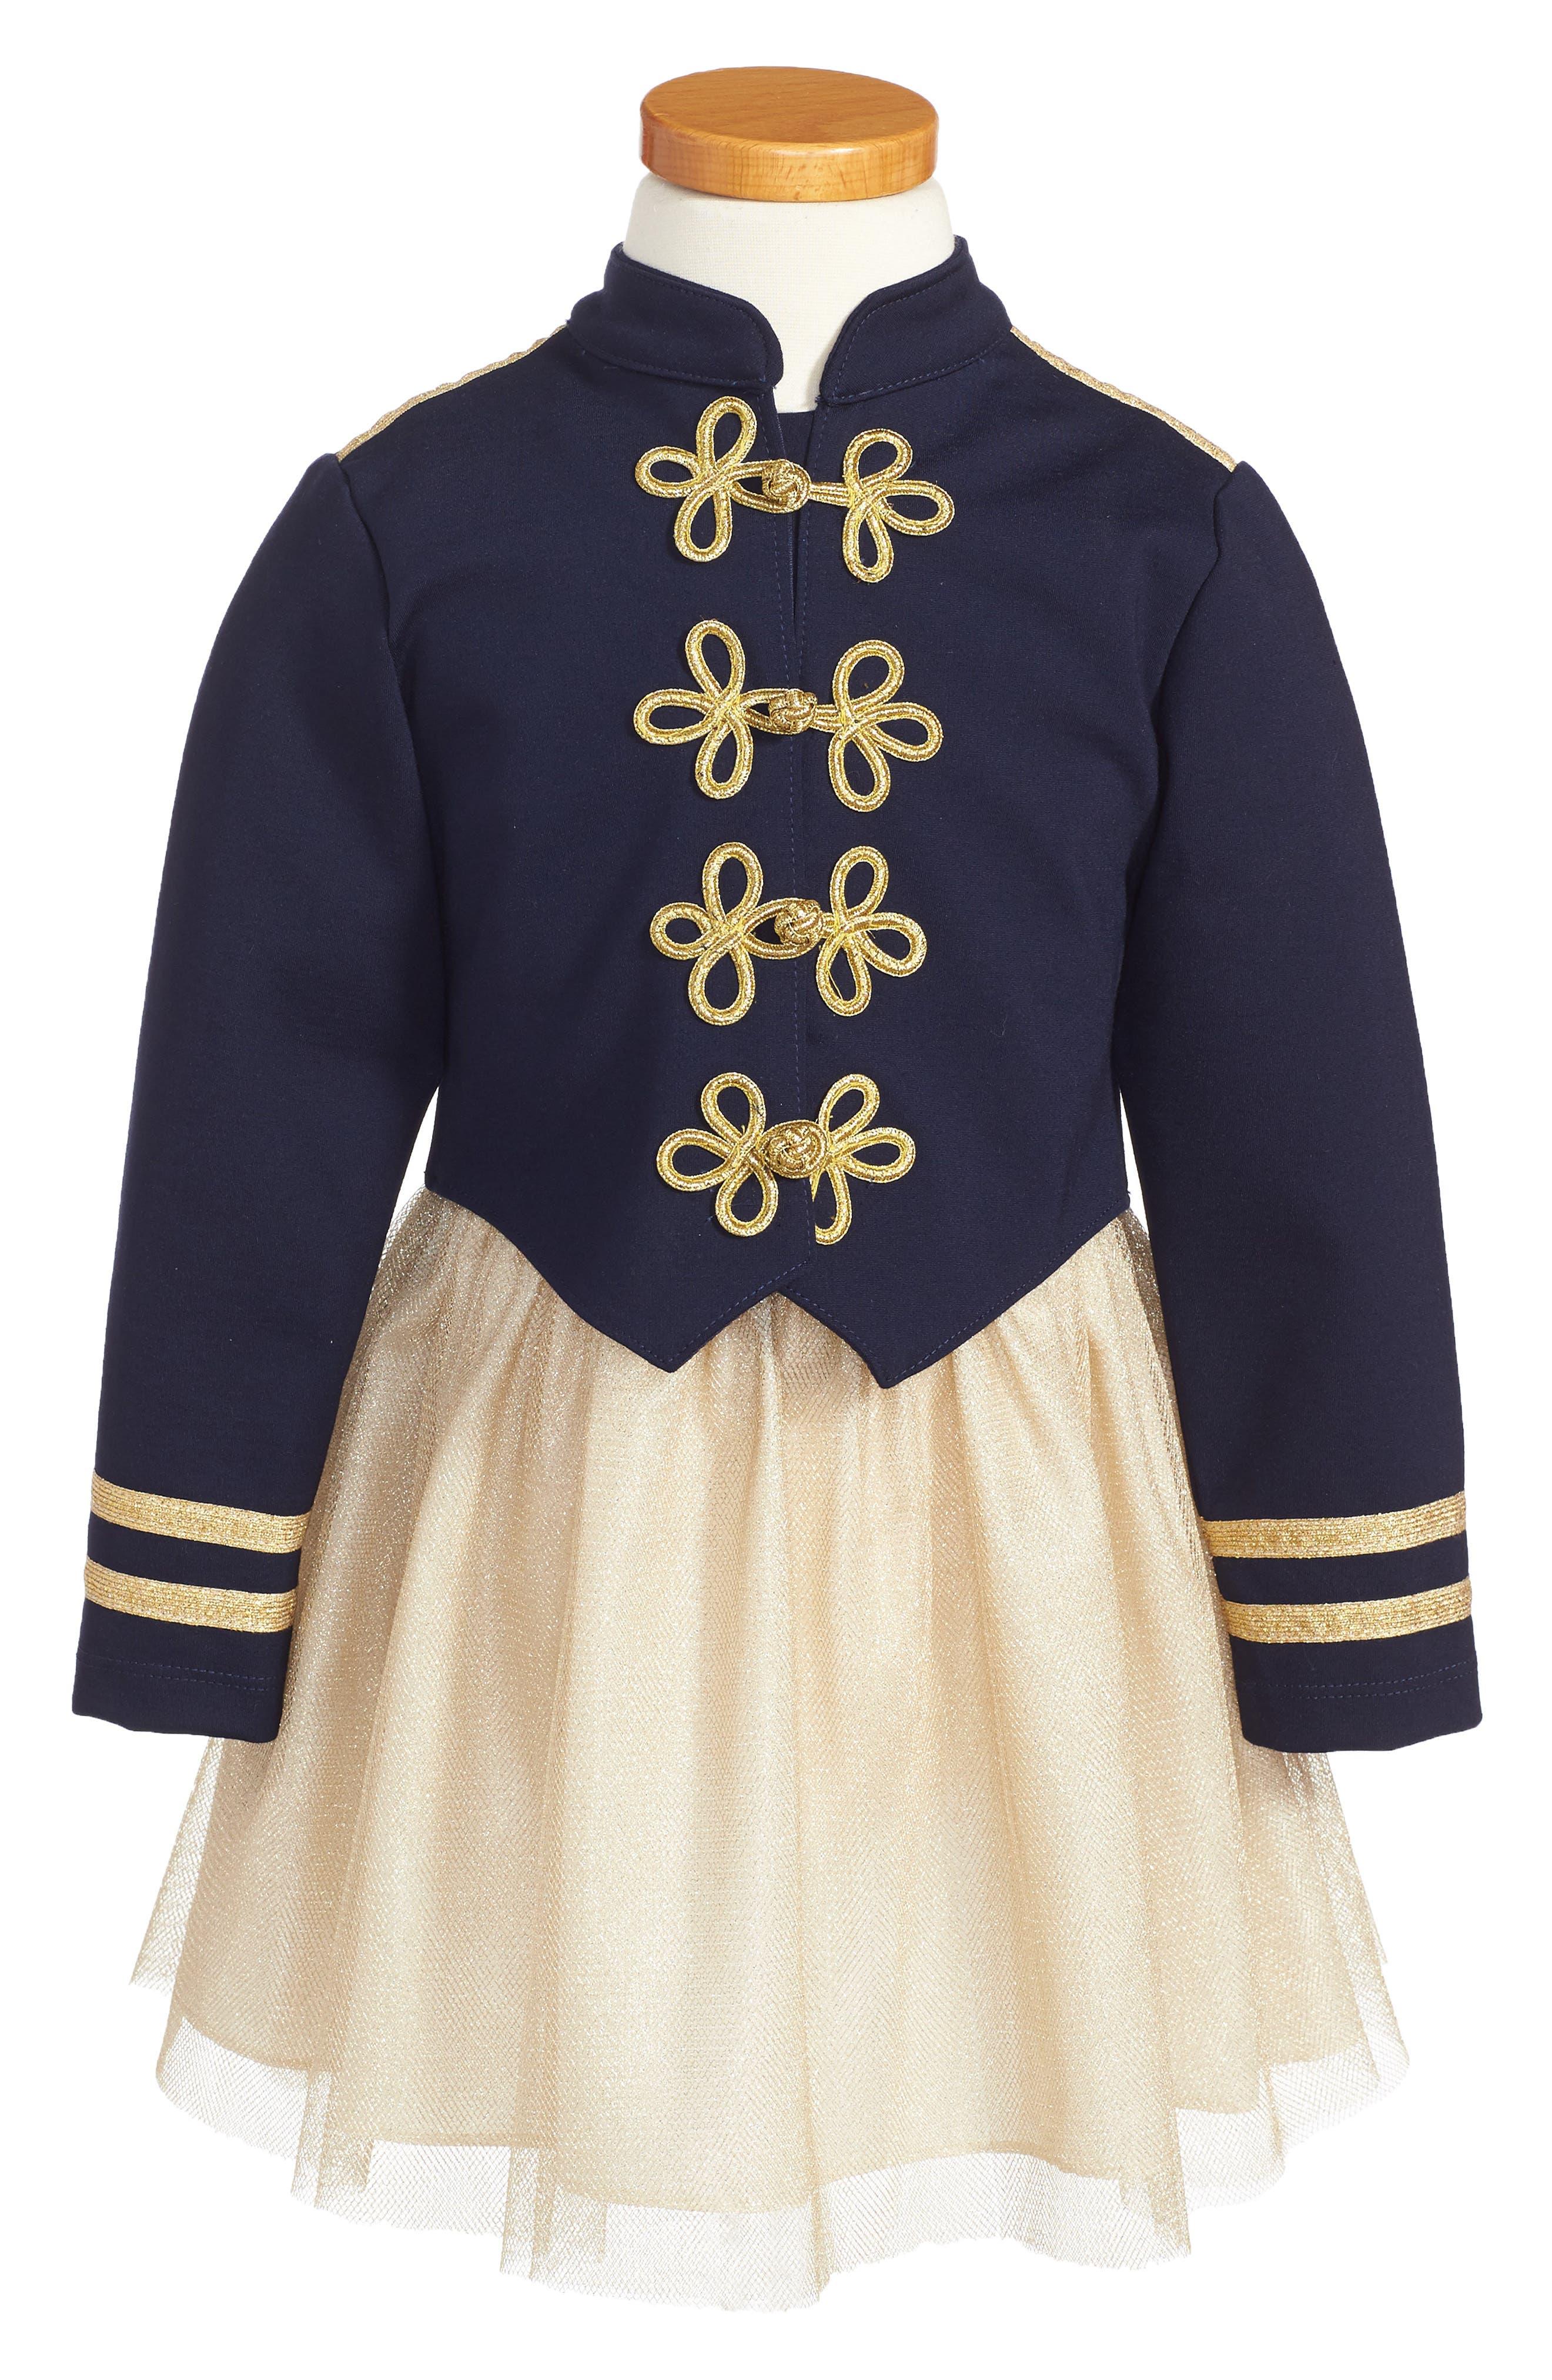 Majorette Jacket & Tank Dress Set,                             Alternate thumbnail 4, color,                             407